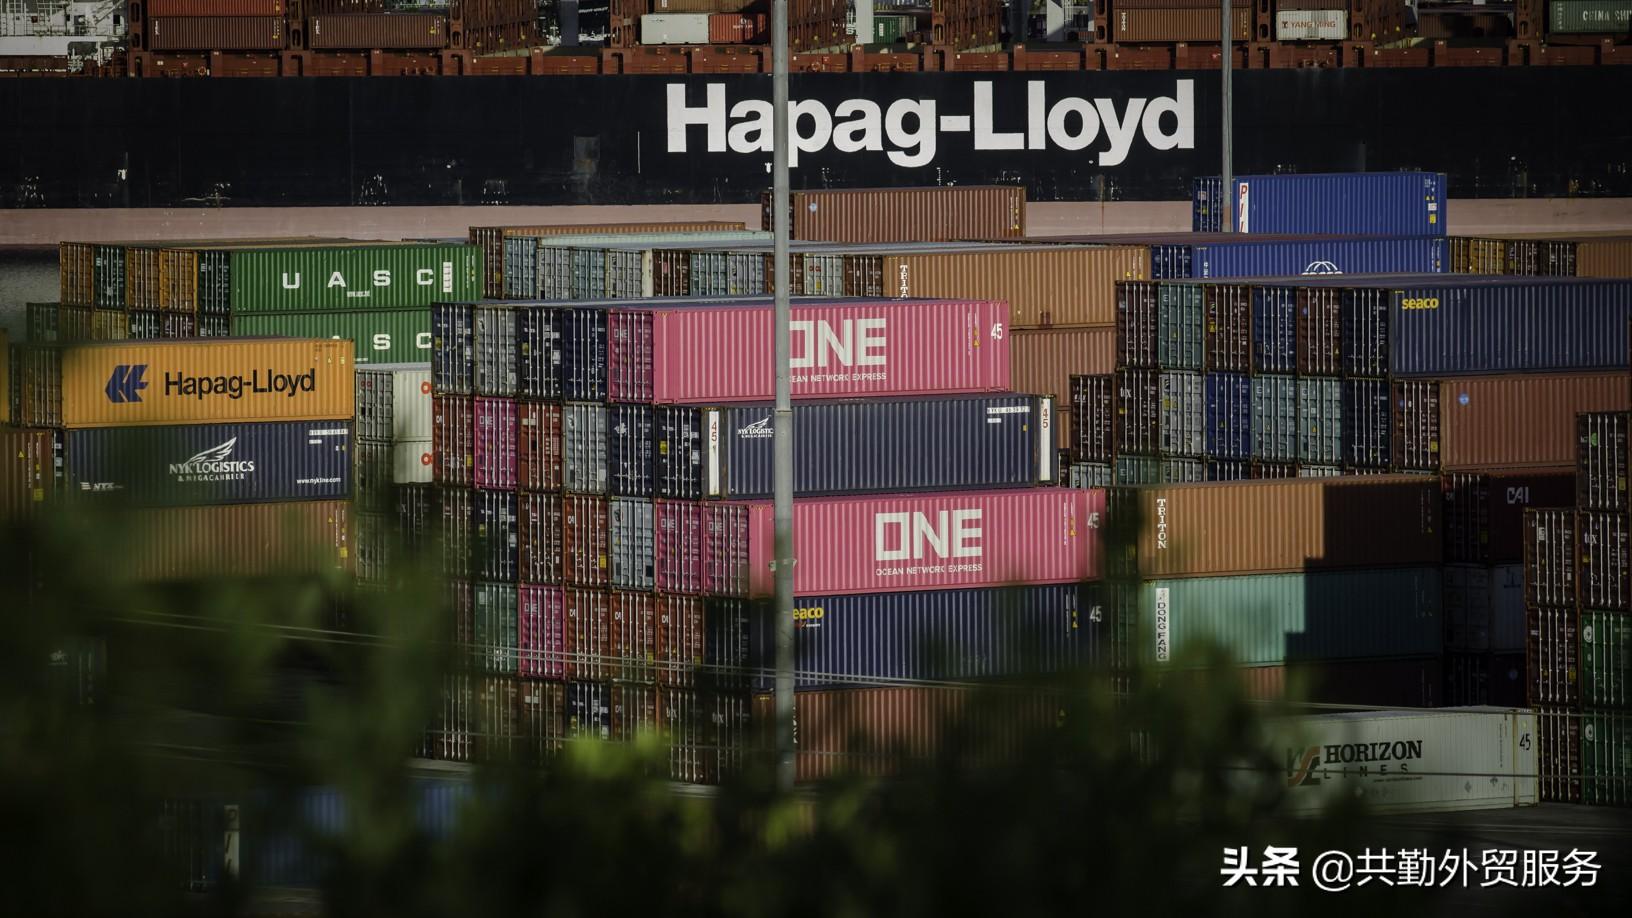 中国港口拥堵下降,美国港口拥堵激增